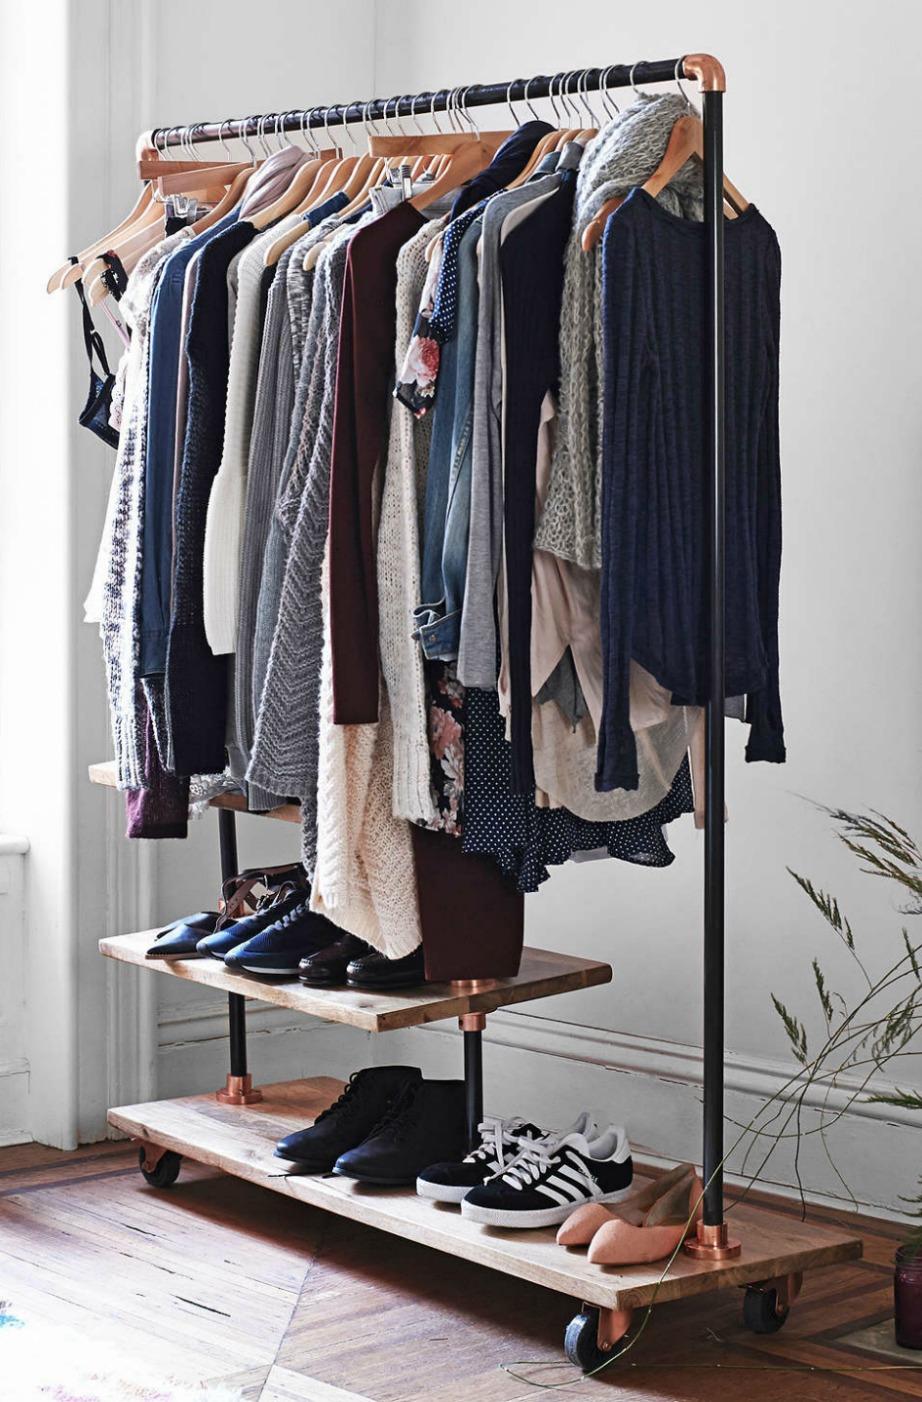 Οι ανοιχτές «ντουλάπες» που χρησιμοποιούνται στα υπνοδωμάτια αλλά και στο χολ (για να κρεμάνε οι καλεσμένοι τα παλτό) είναι must και μπορείτε να το υιοθετήσετε είτε έχετε έλλειψη αποθηκευτικού χώρου είτε όχι.